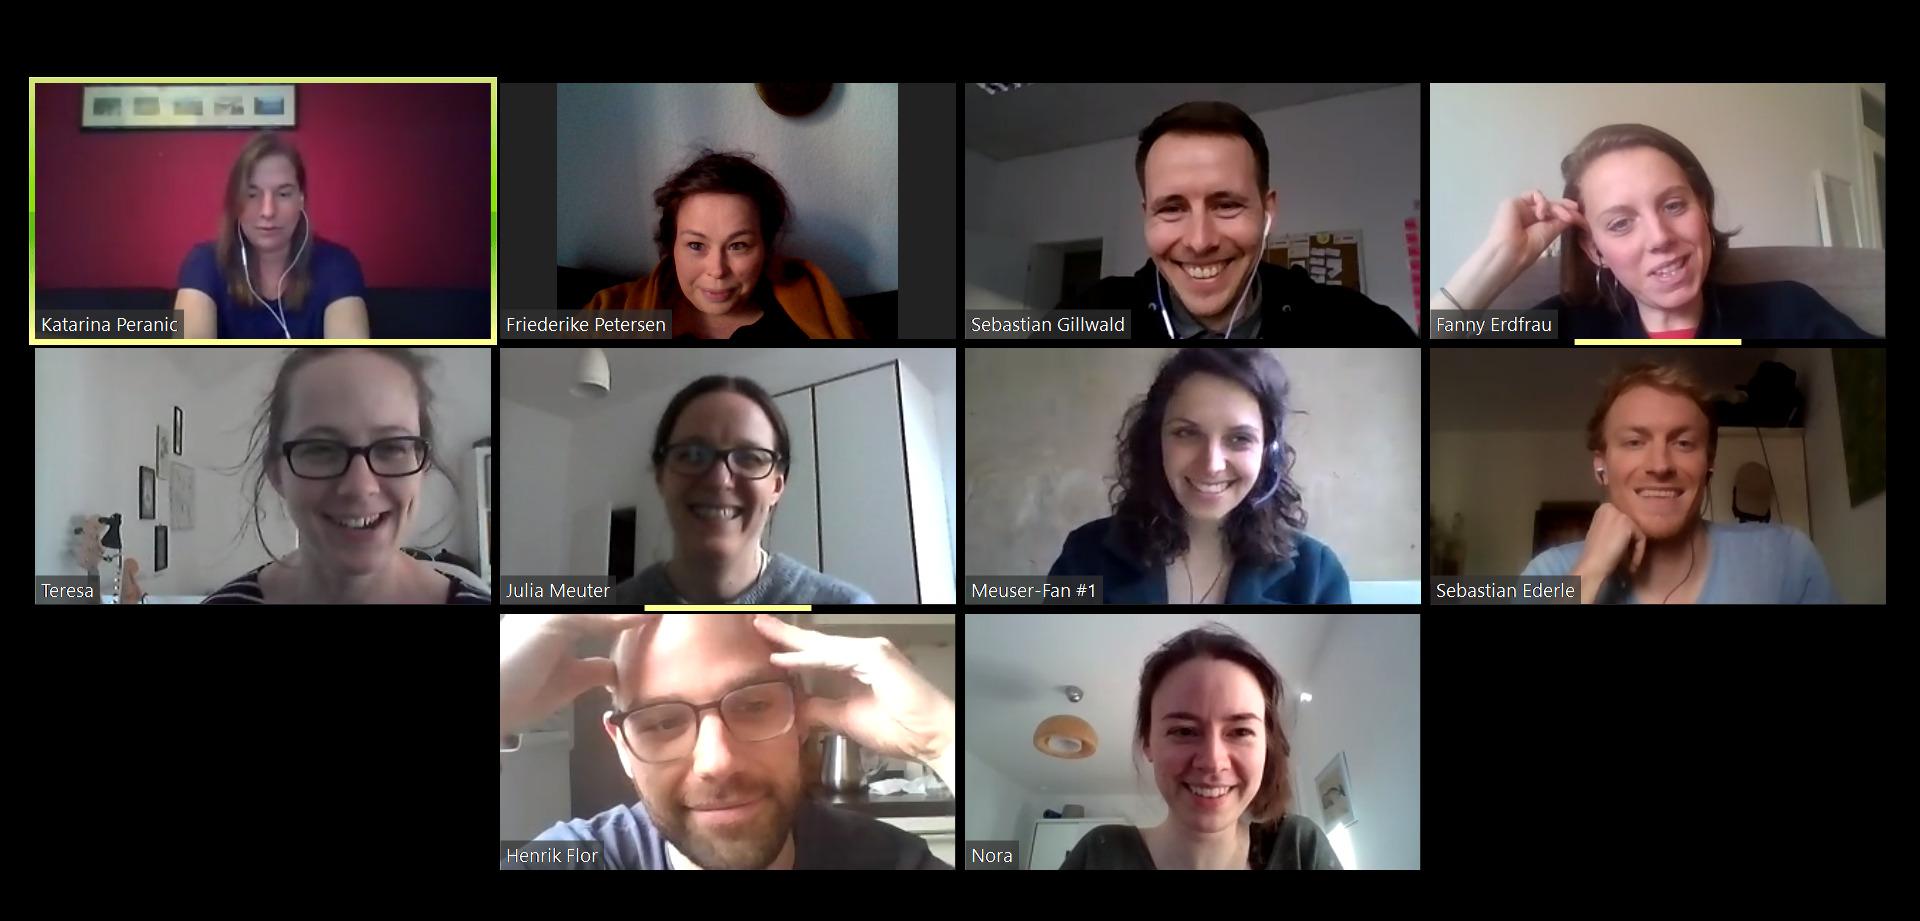 Man sieht das Team von Stiftung Bürgermut im Zoom-Videocall: 10 Personen in Minikacheln an ihren Webcams